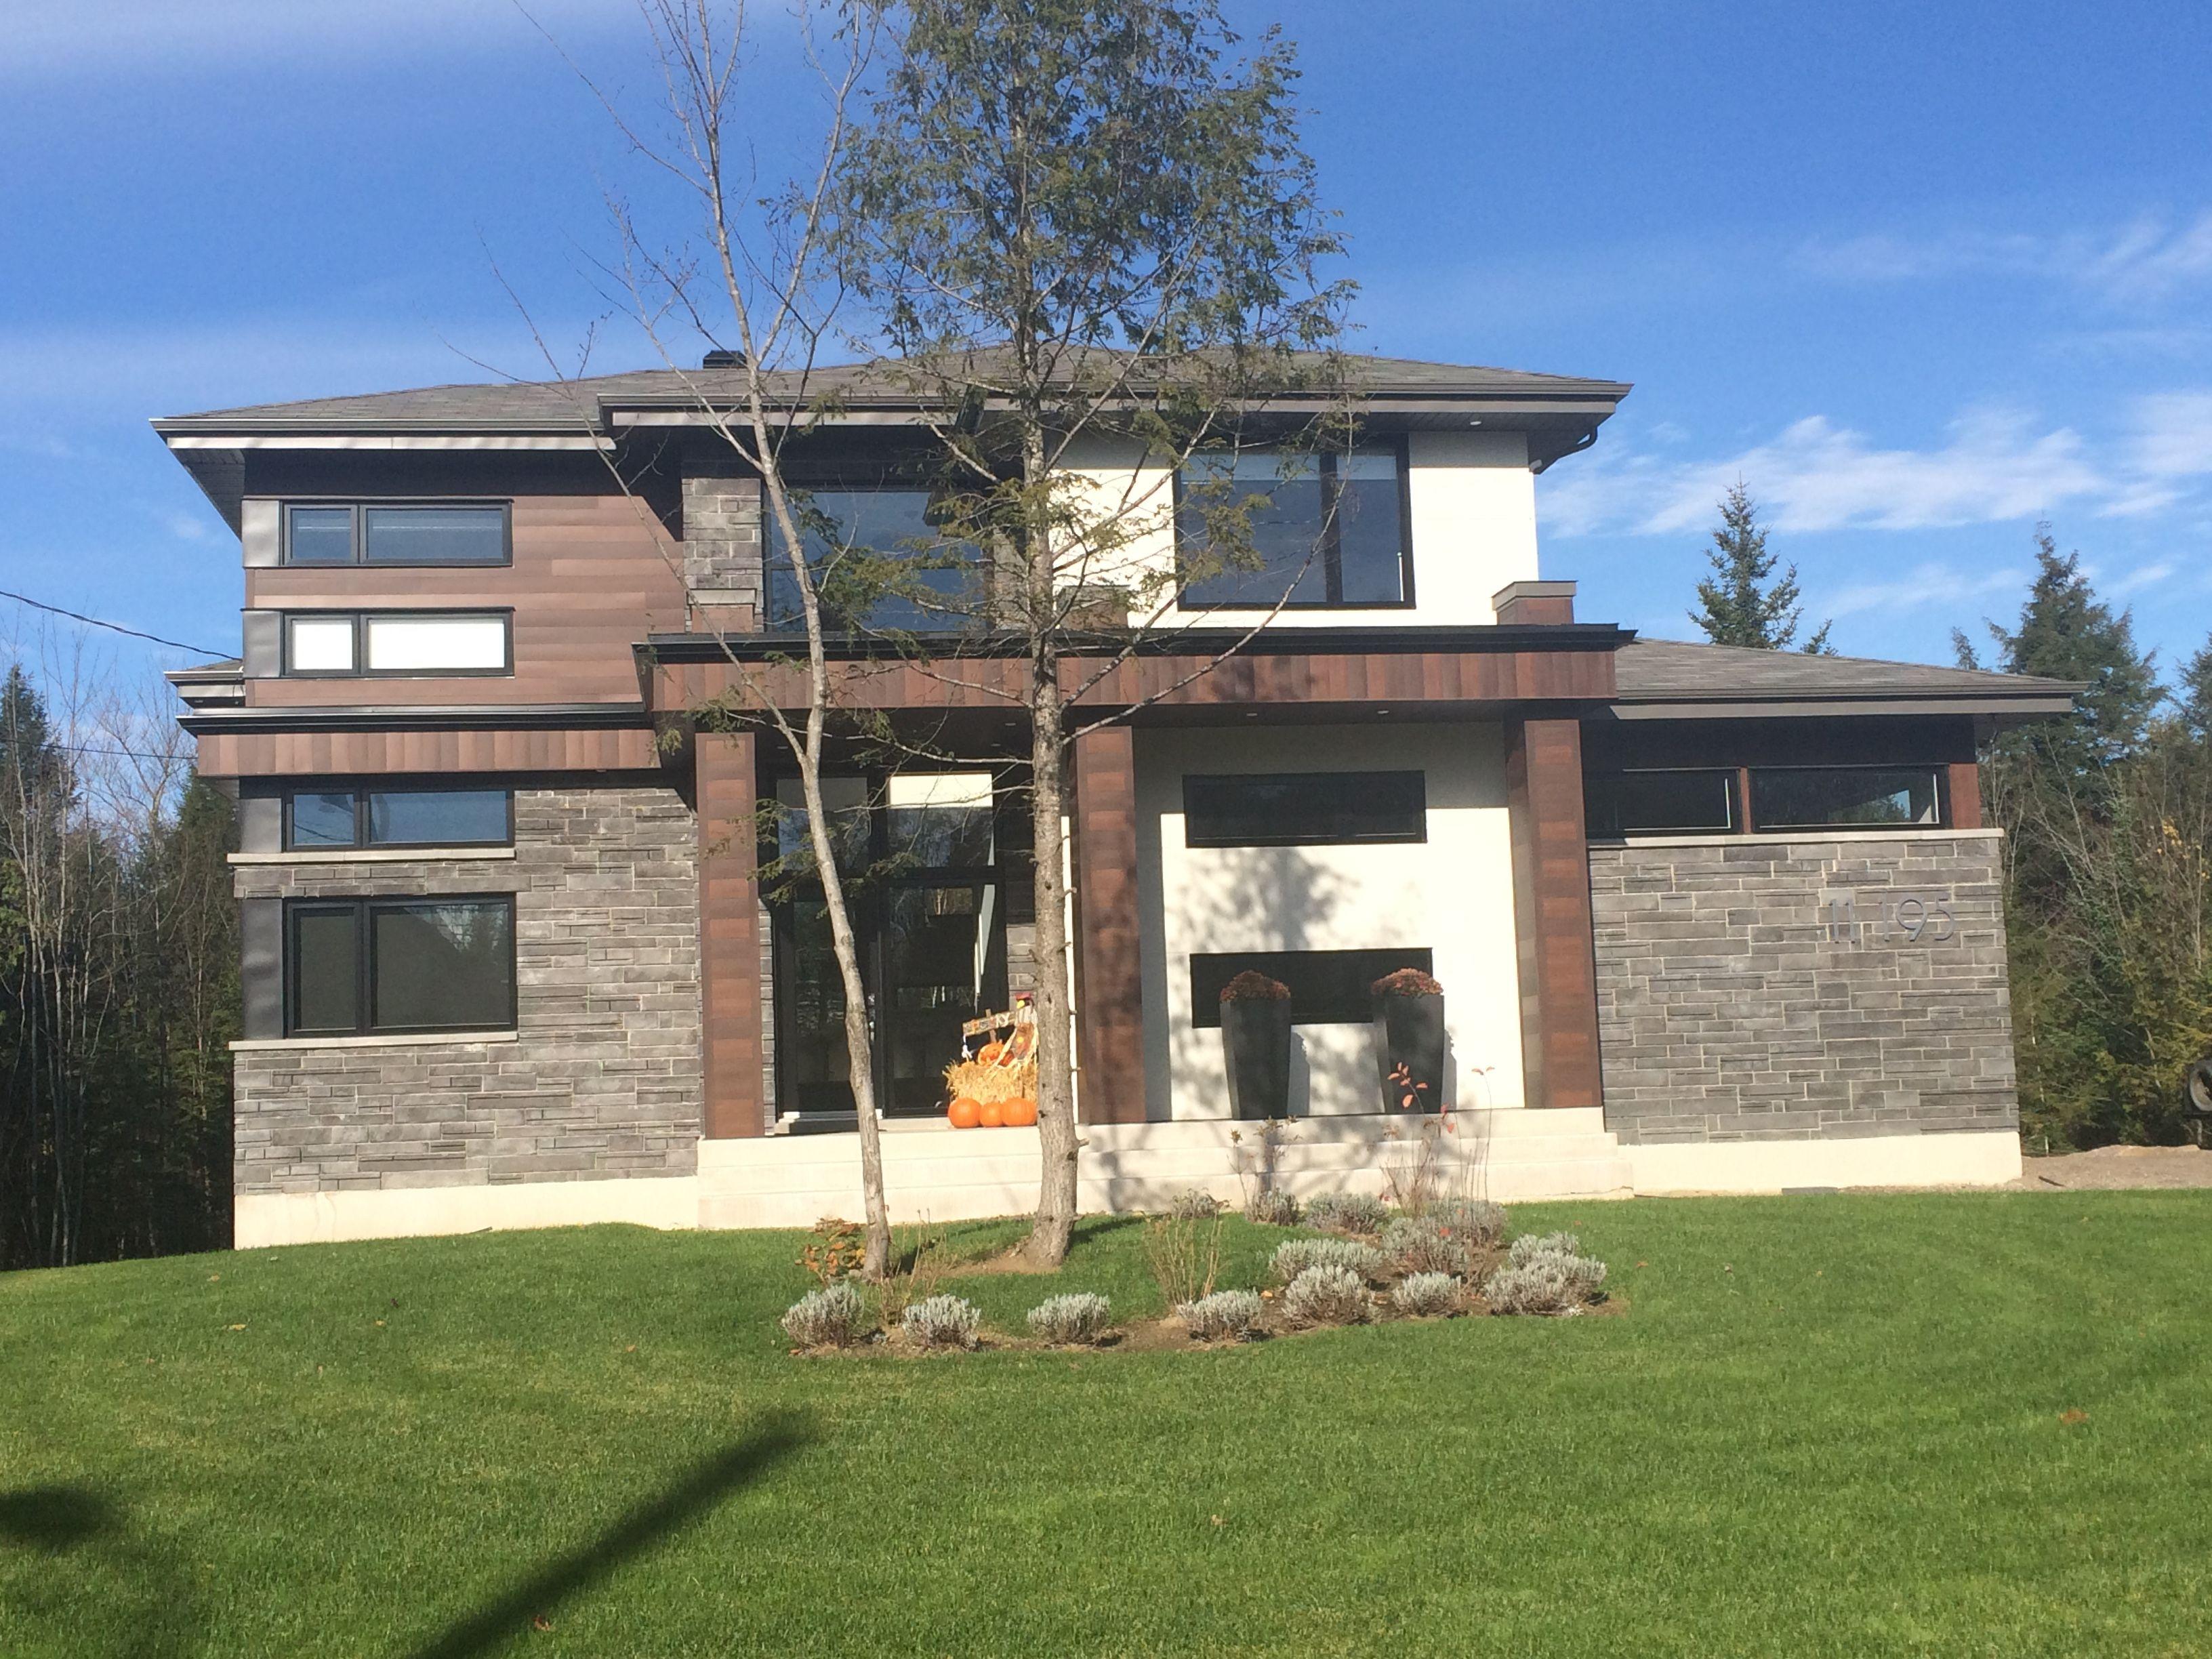 Maison de rêve, belle maison moderne situé au Québec. Maison au gout ...